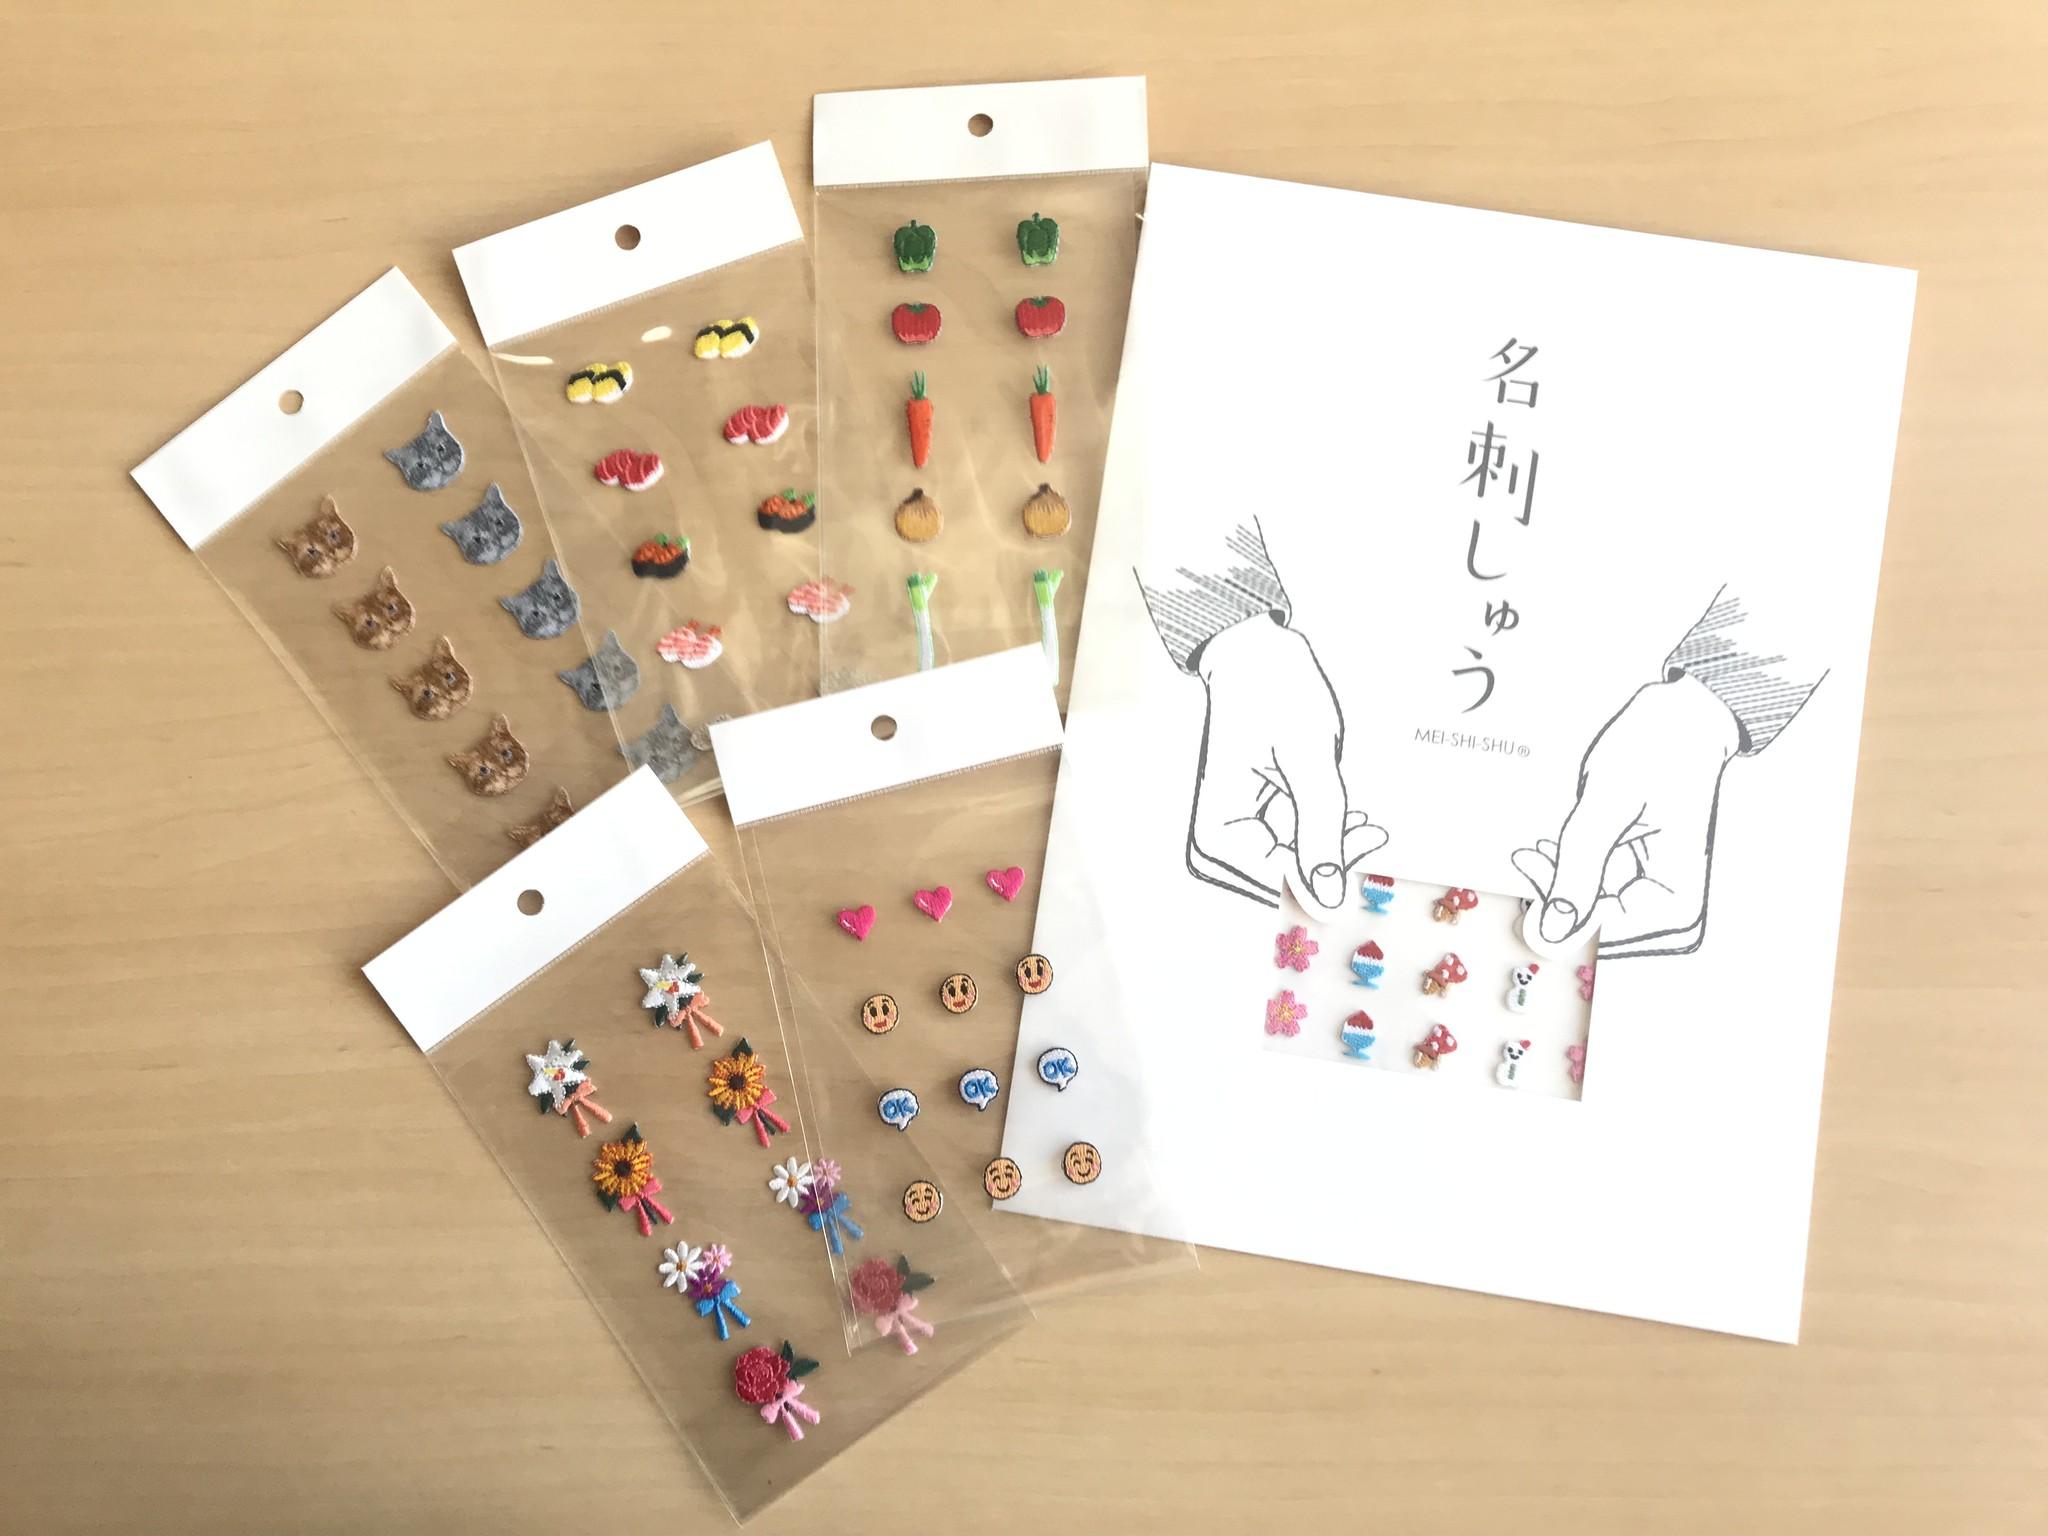 【D133】8/3(土)、8/4(日)真夏のデザインフェスタに出展します!